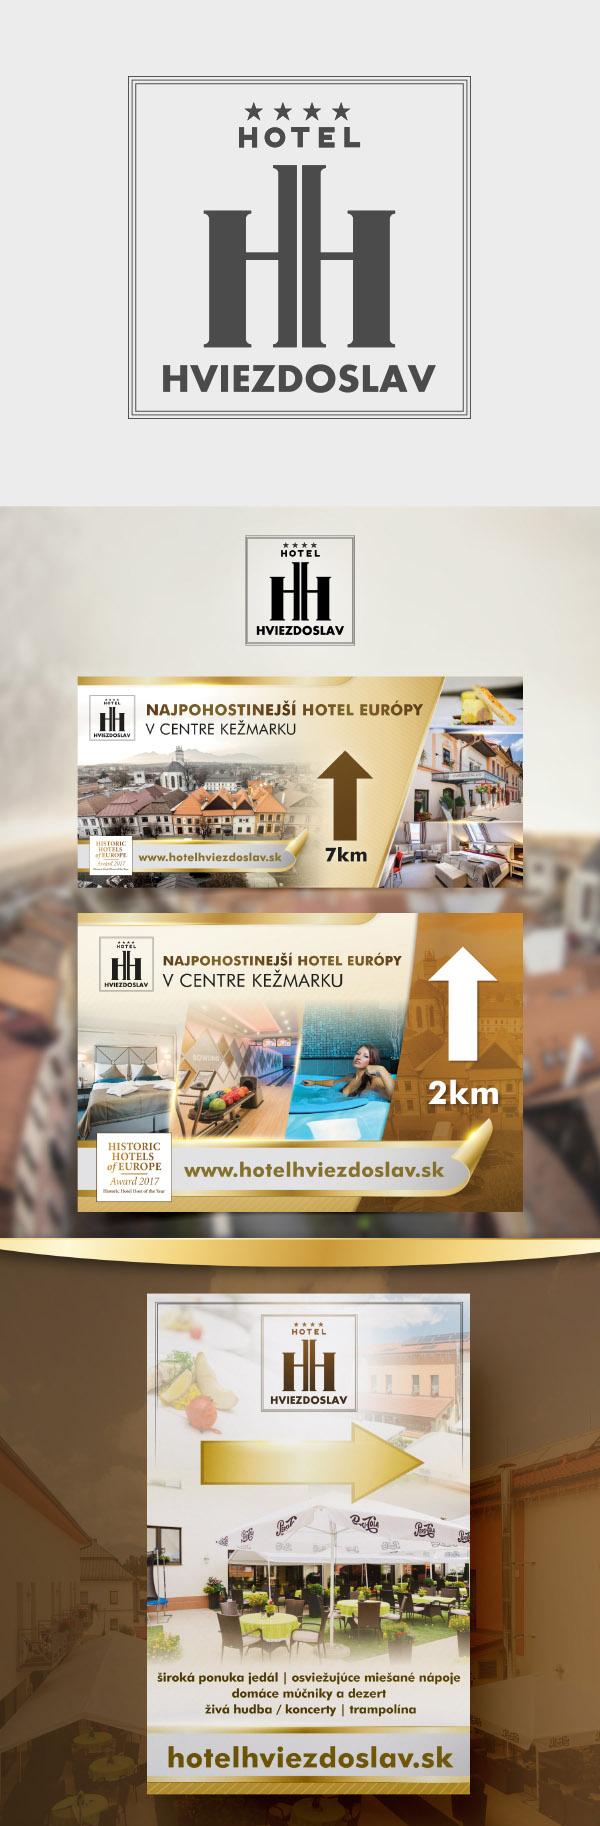 hotel graficke navrhy promo materialov, velkoplosna reklama>